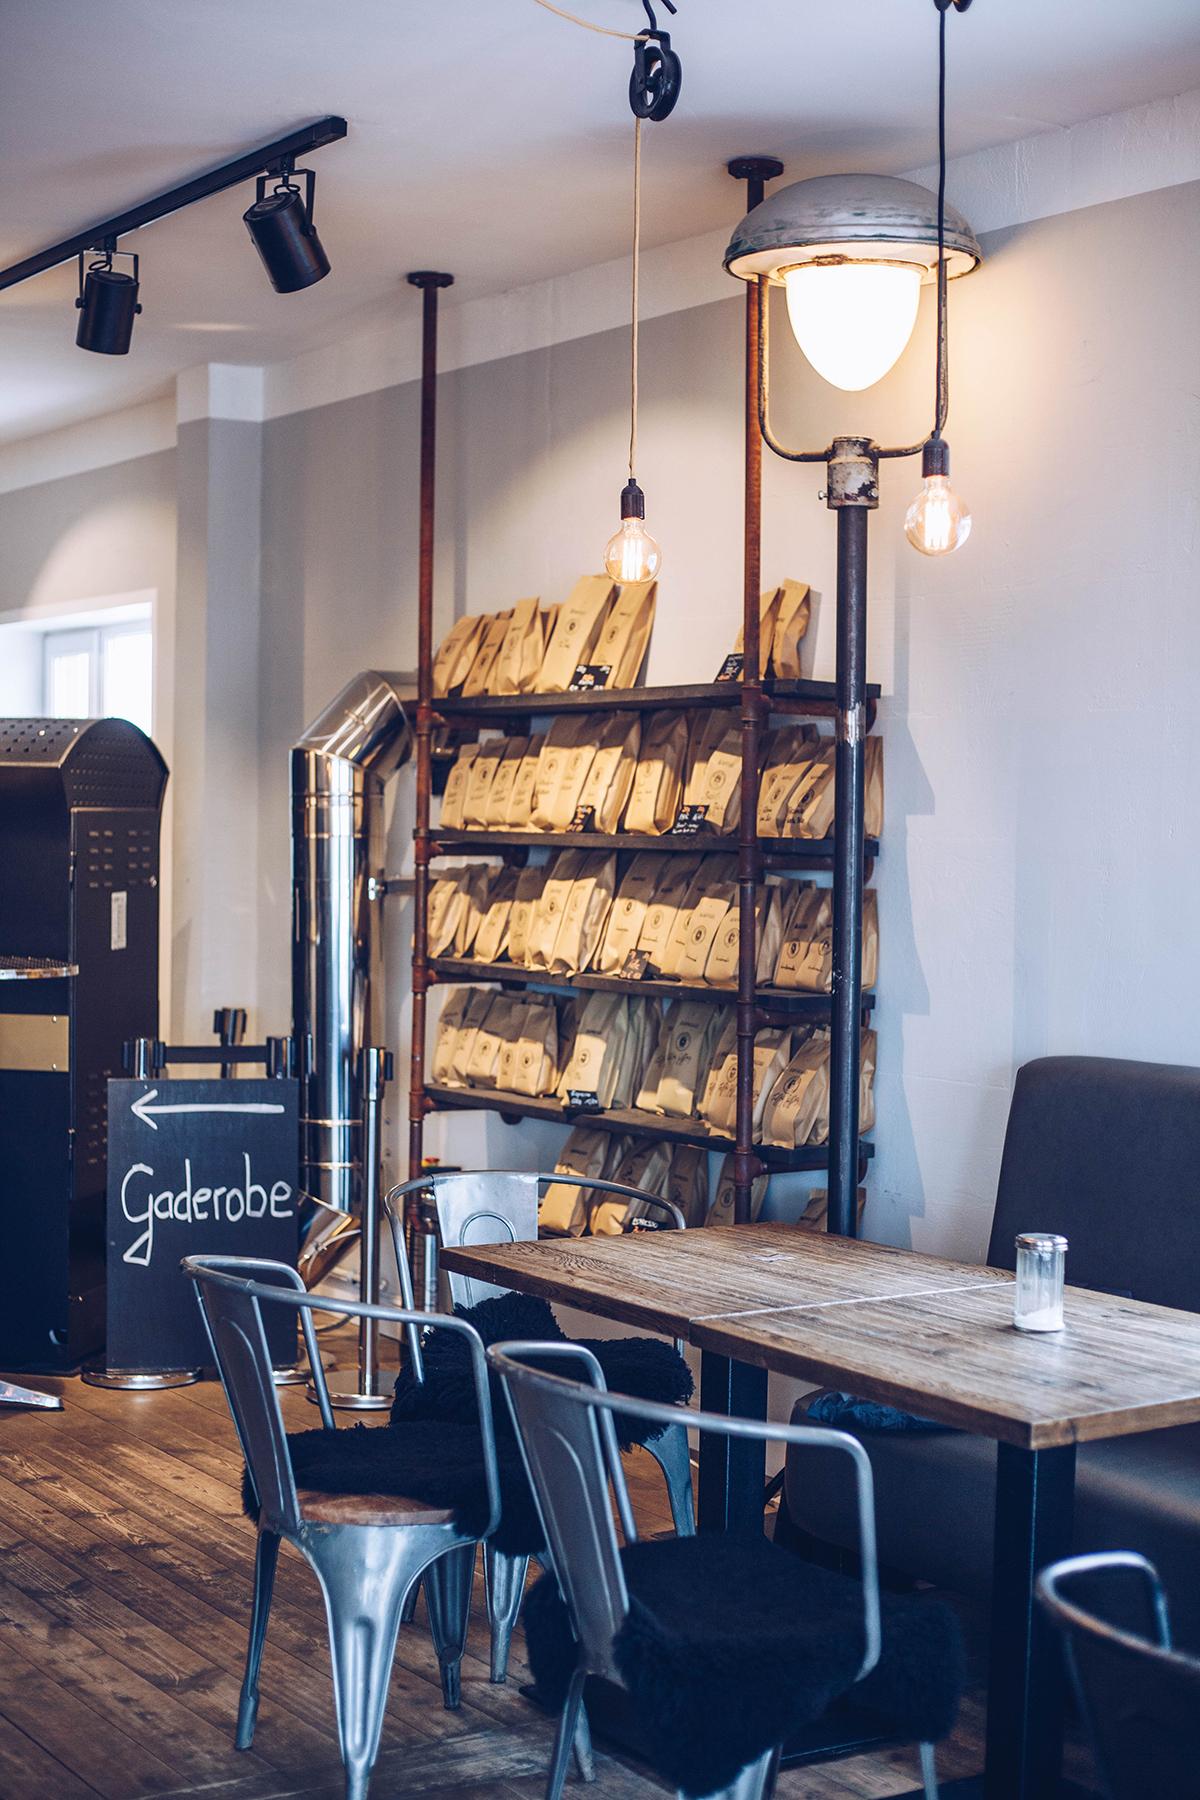 Entdecke die Kaffeerösterei Sylt in Rantum: frisch geröstete Kaffeespezialitäten und hausgemachte Kuchen